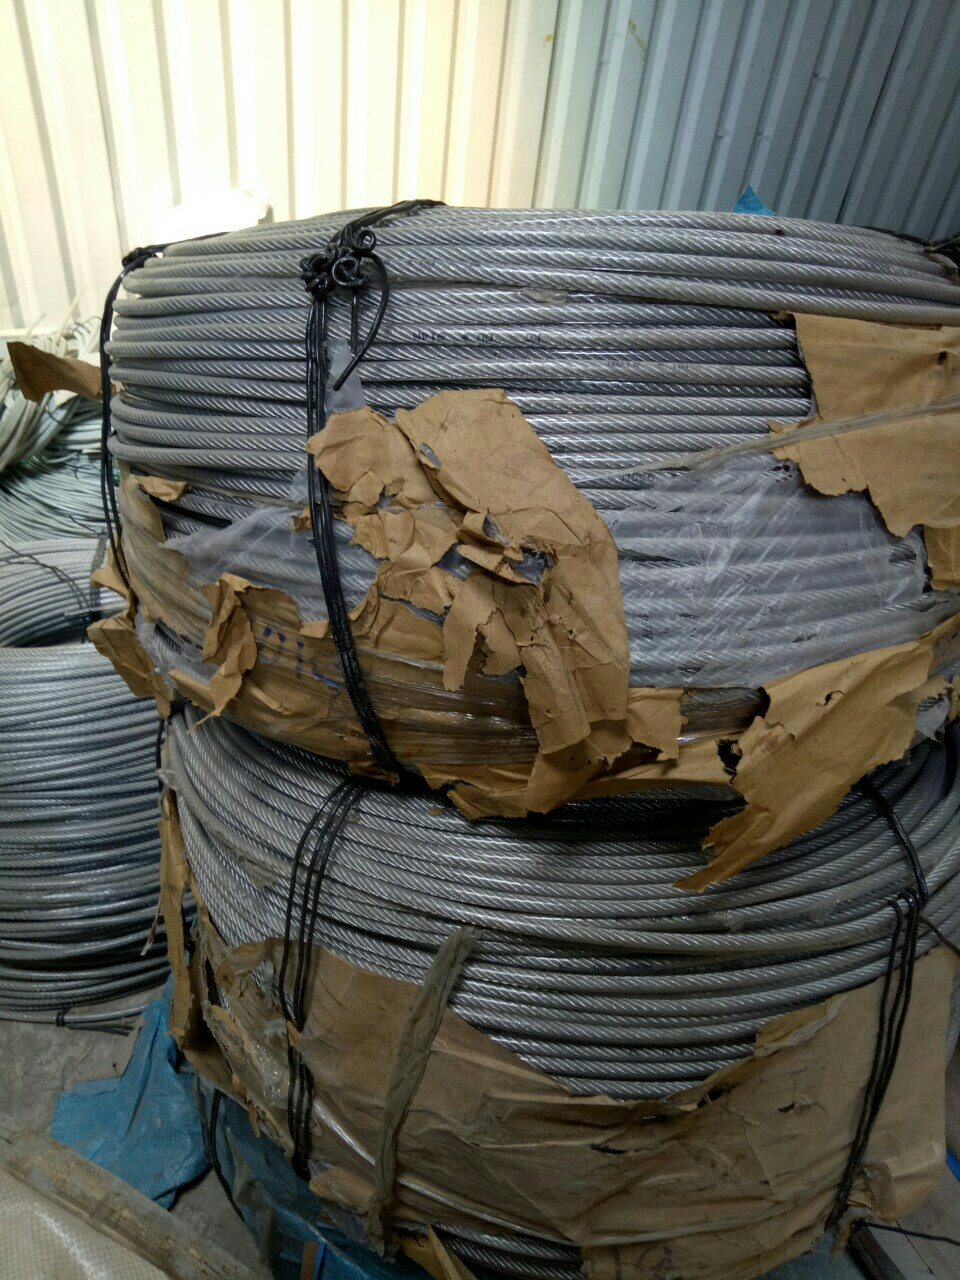 Cáp bọc nhựa 3mm, Dây cáp chất lượng cao, Dây cáp bọc nhựa phi 3, inox 304, Cáp bọc nhựa, Giá cáp bọc nhựa 3mm